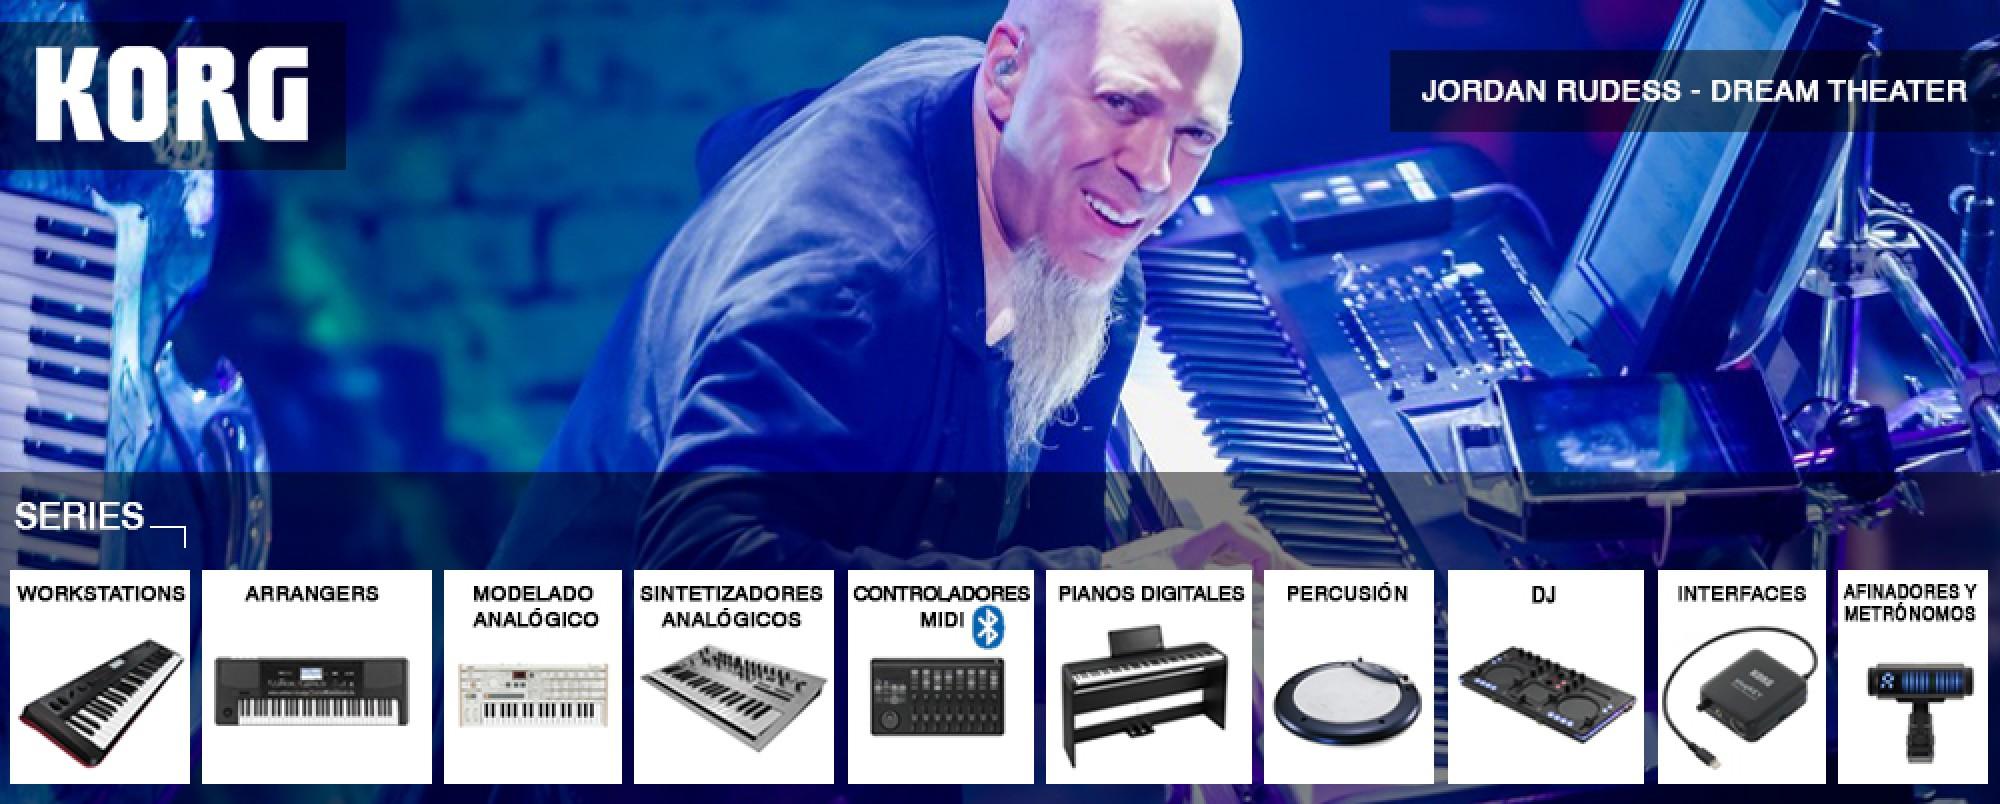 510-Ahora-y-en-el-futuro-realizando-instrumentos-que-elevan-el-arte-musical.-sdigt.jpg